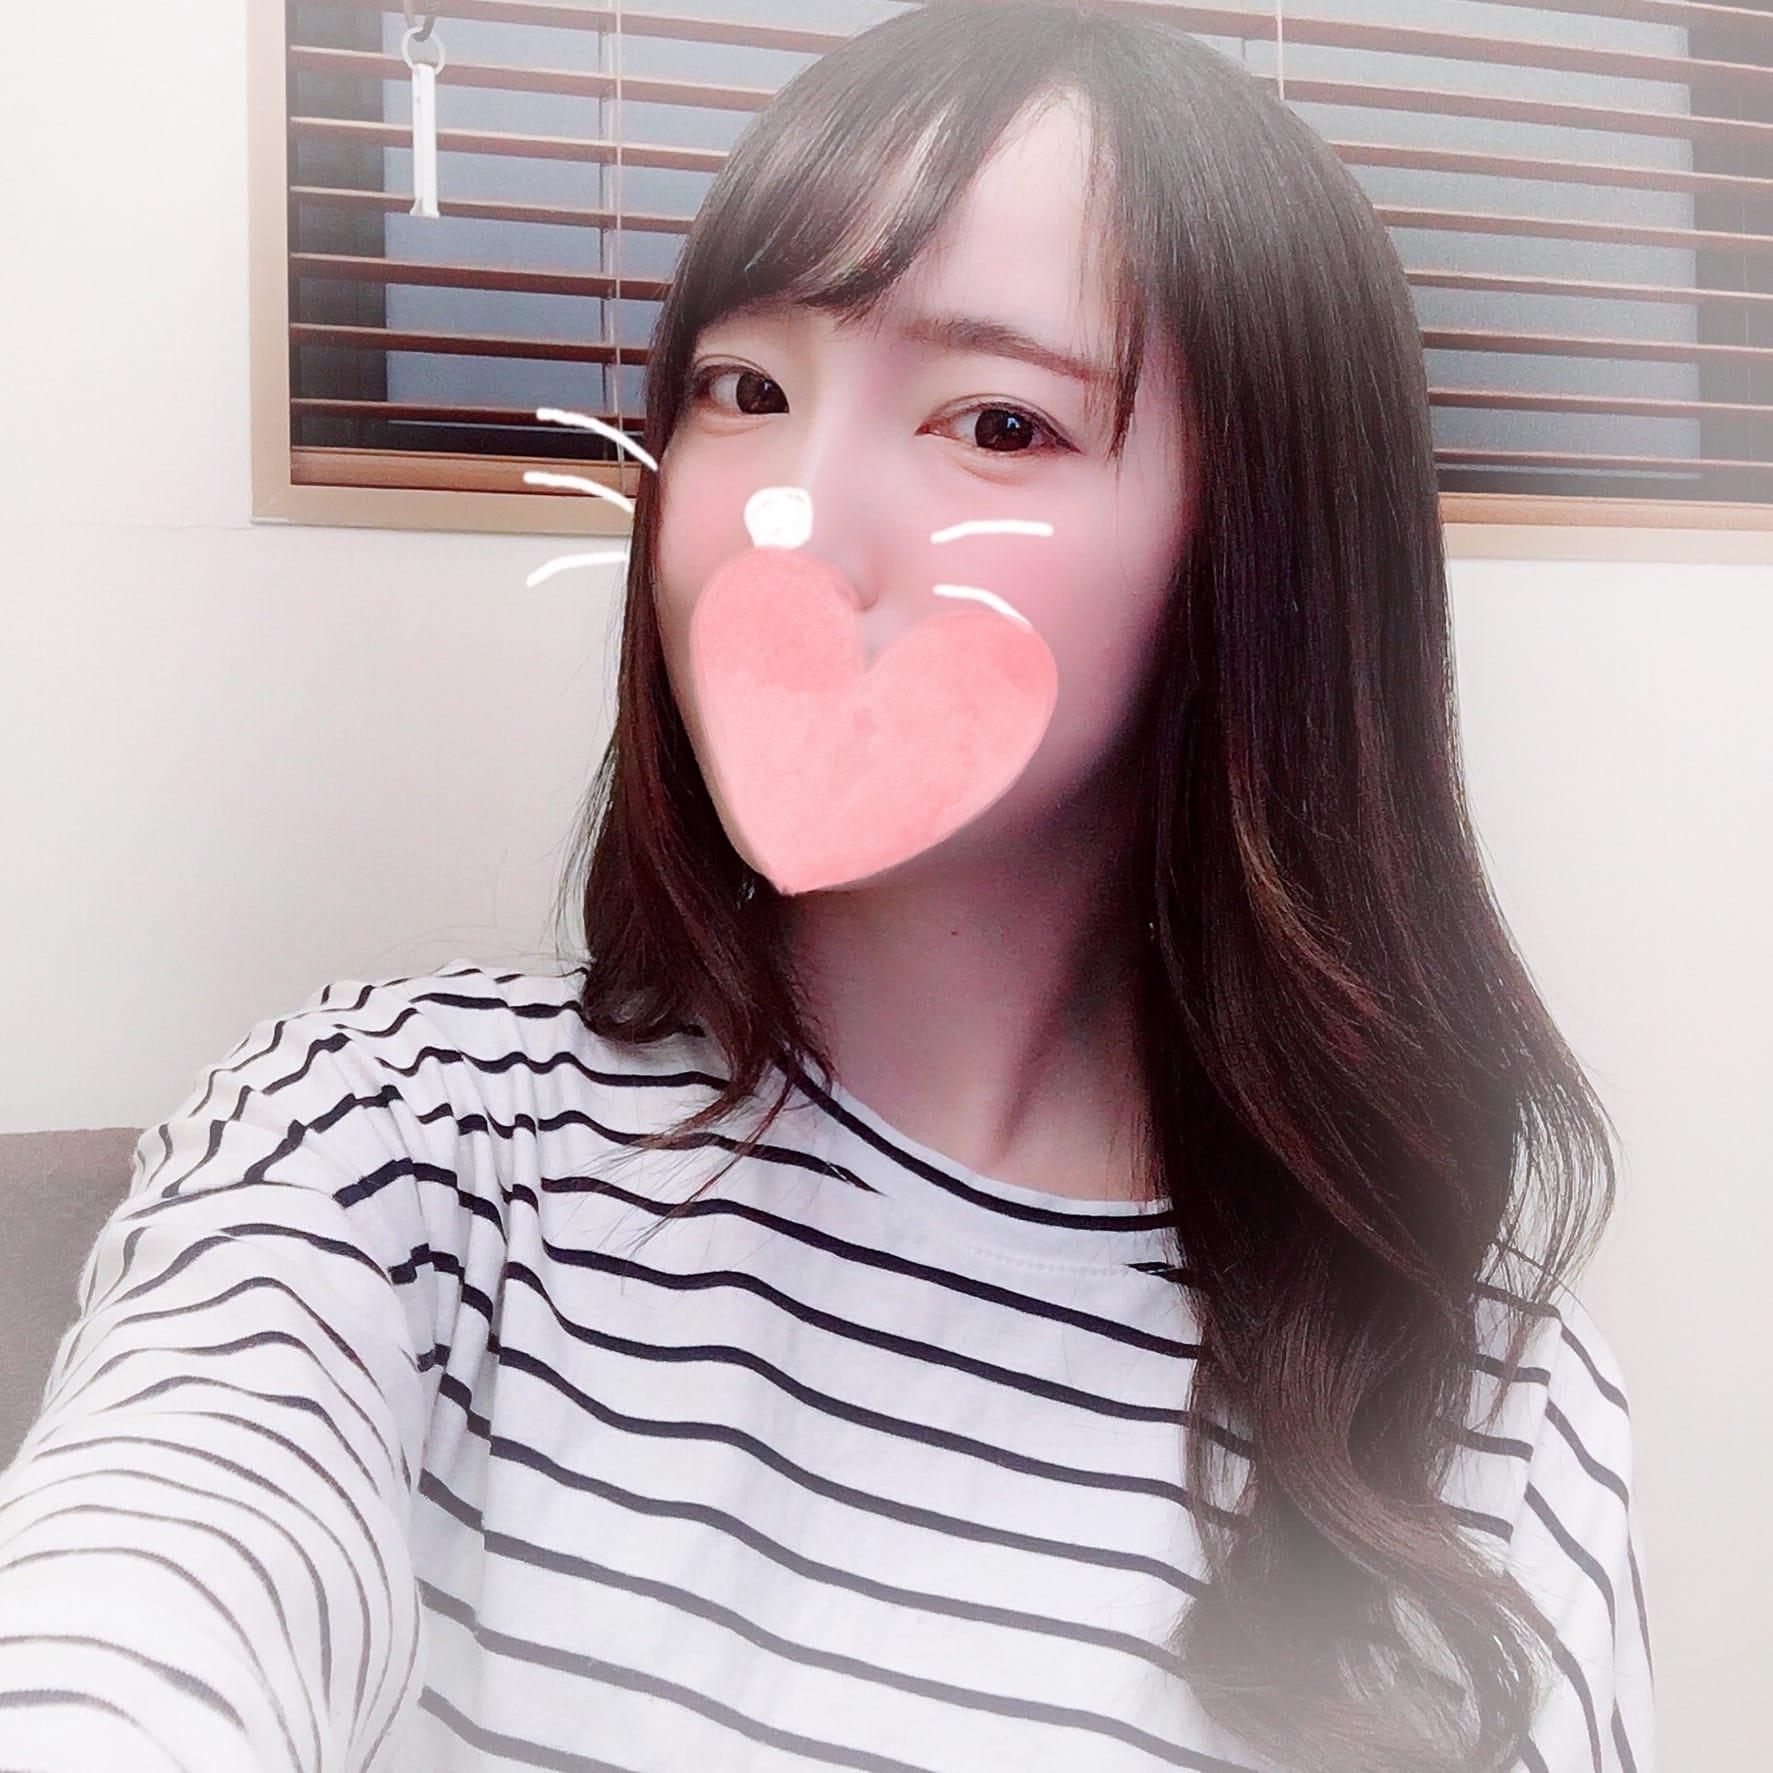 「ありがとう☆」04/21(04/21) 00:30 | こゆきの写メ・風俗動画